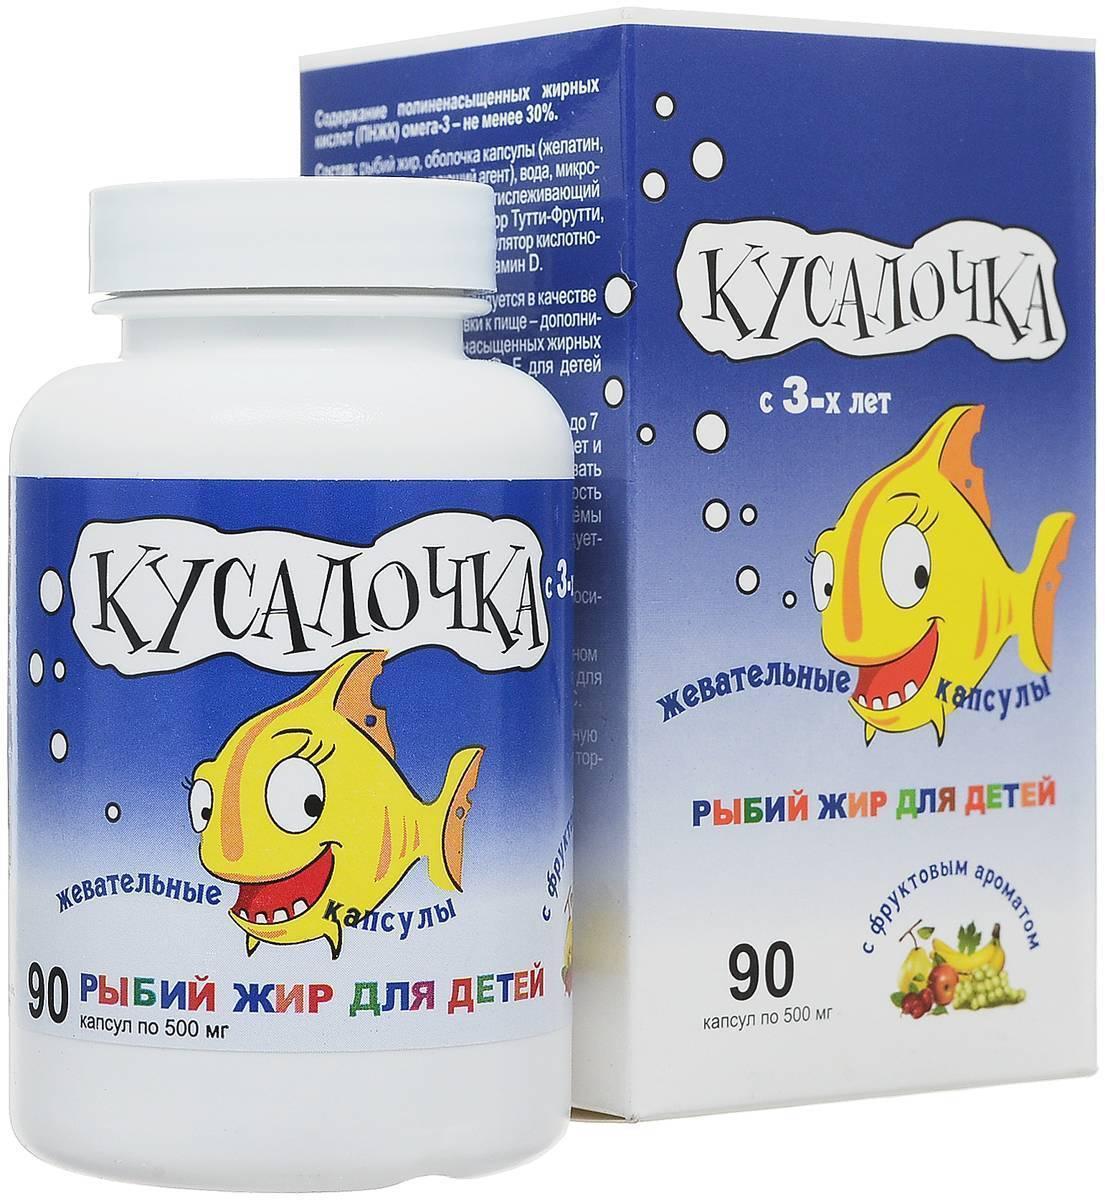 Надо или нет давать рыбий жир грудничку? принесет ли данная добавка пользу растущему организму малыша?